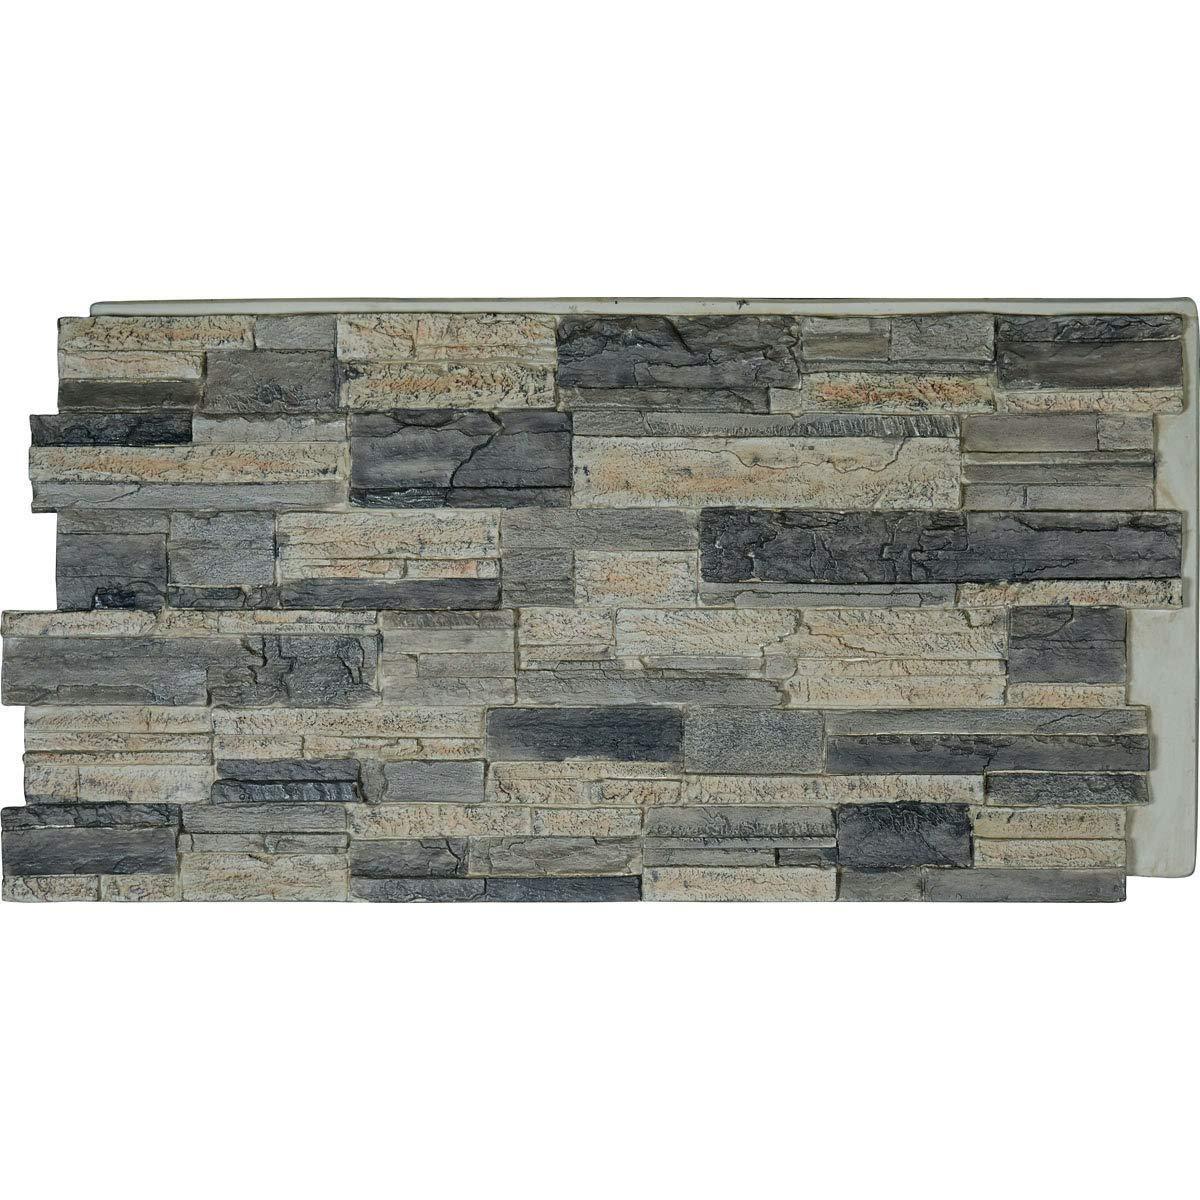 Ekena Millwork PNU24X48CASR Cascade Stacked, Stonewall Faux Stone Siding Panel, 48''W x 24''H x 1 1/4''D Smokey Ridge by Ekena Millwork